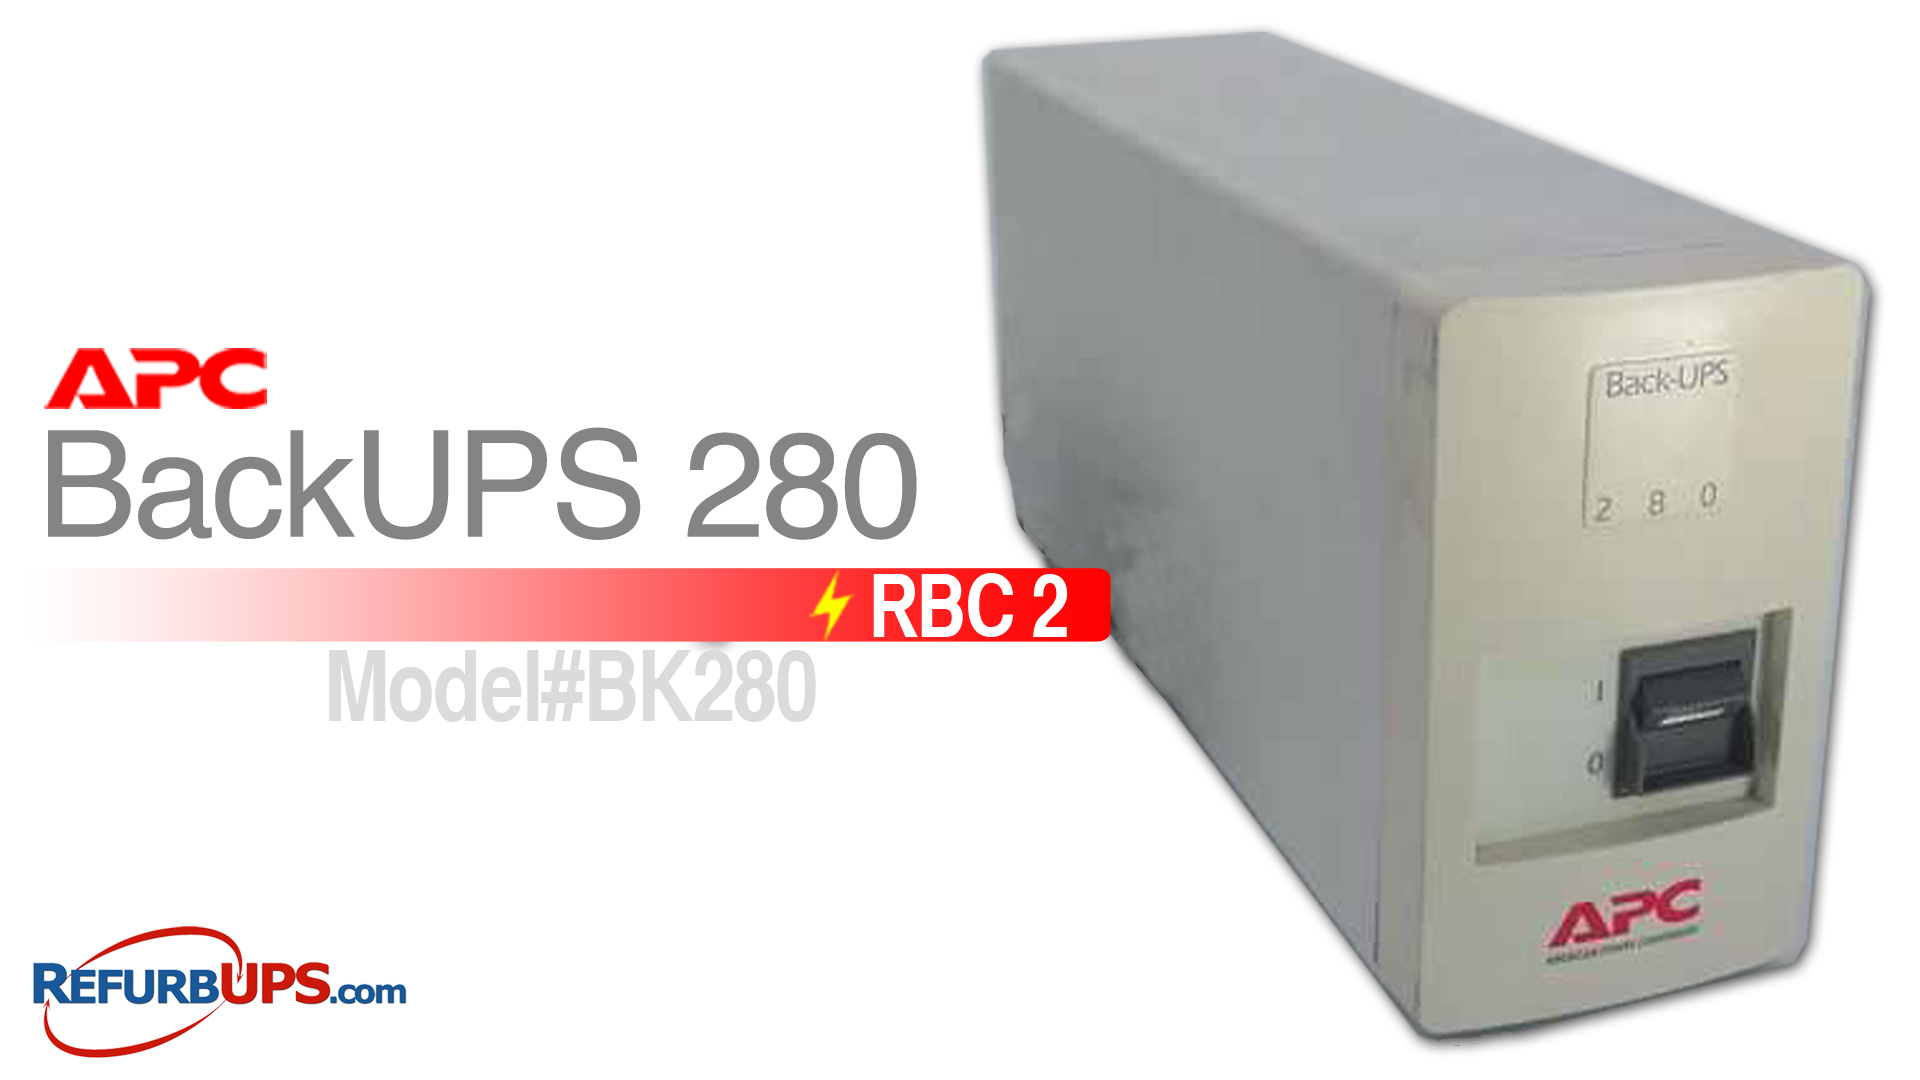 APC RBC 2 in APC BK280